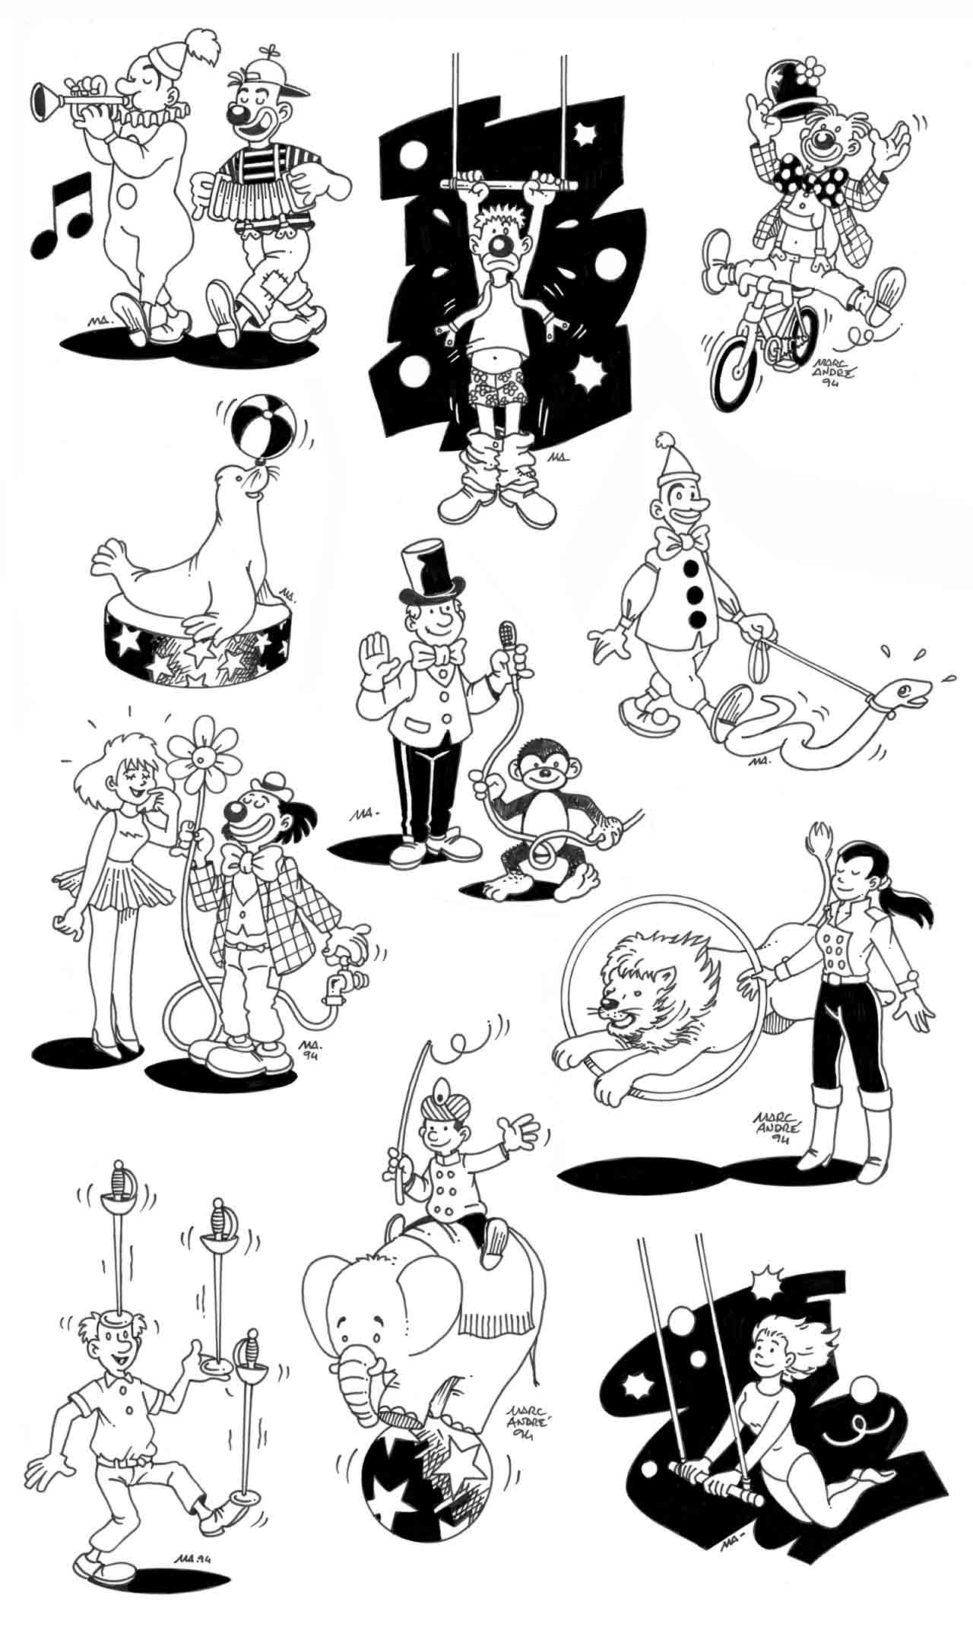 Illustrations pour Panazol en Piste 1994 Marc-André BD Illustration Graphisme Limoges